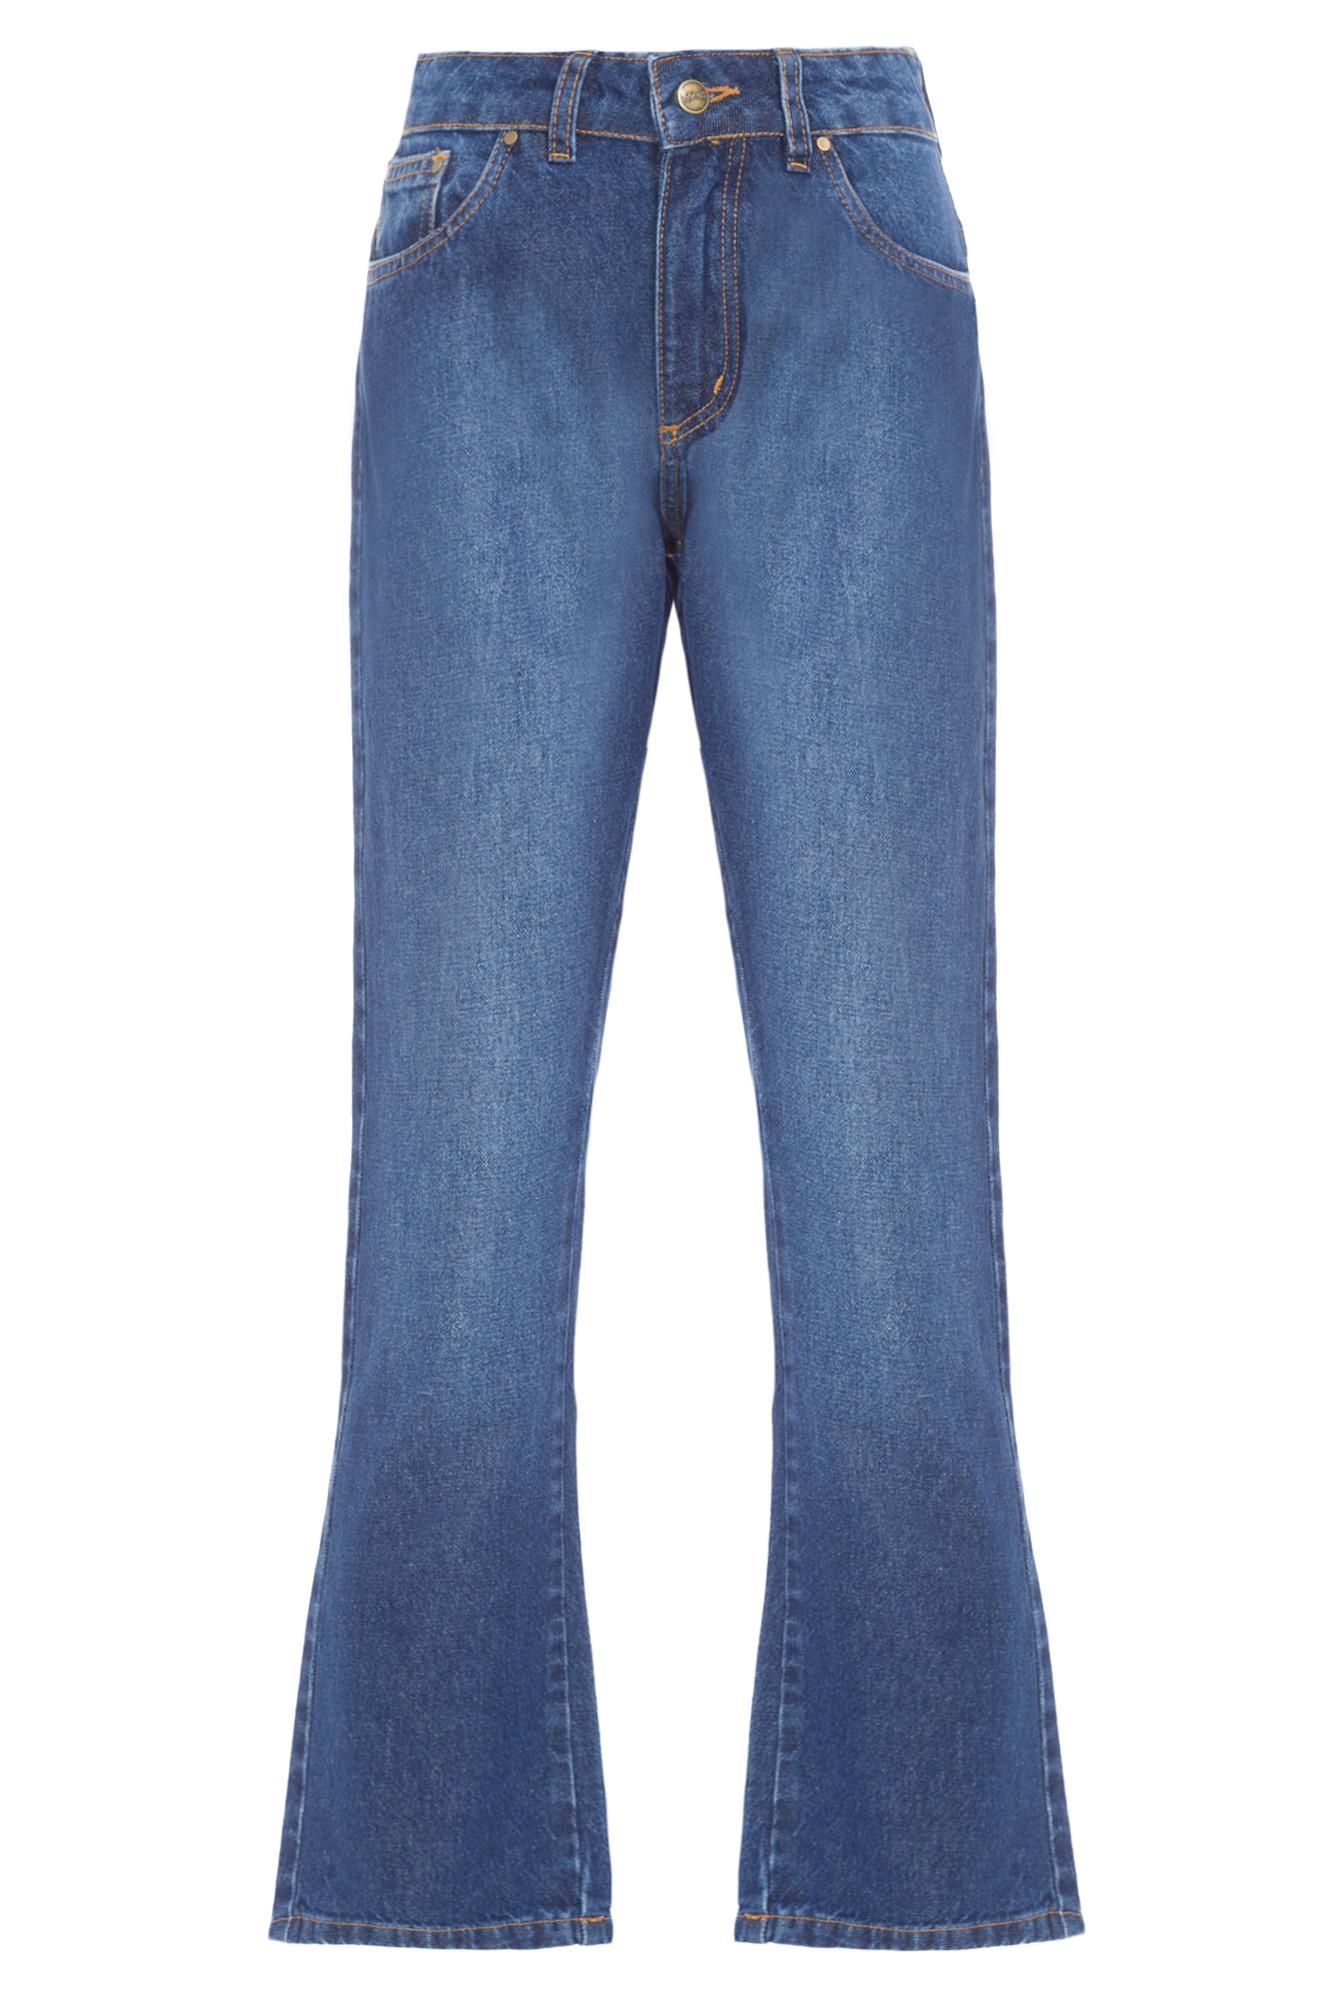 Calça Jeans Fem Retro Wide Leg